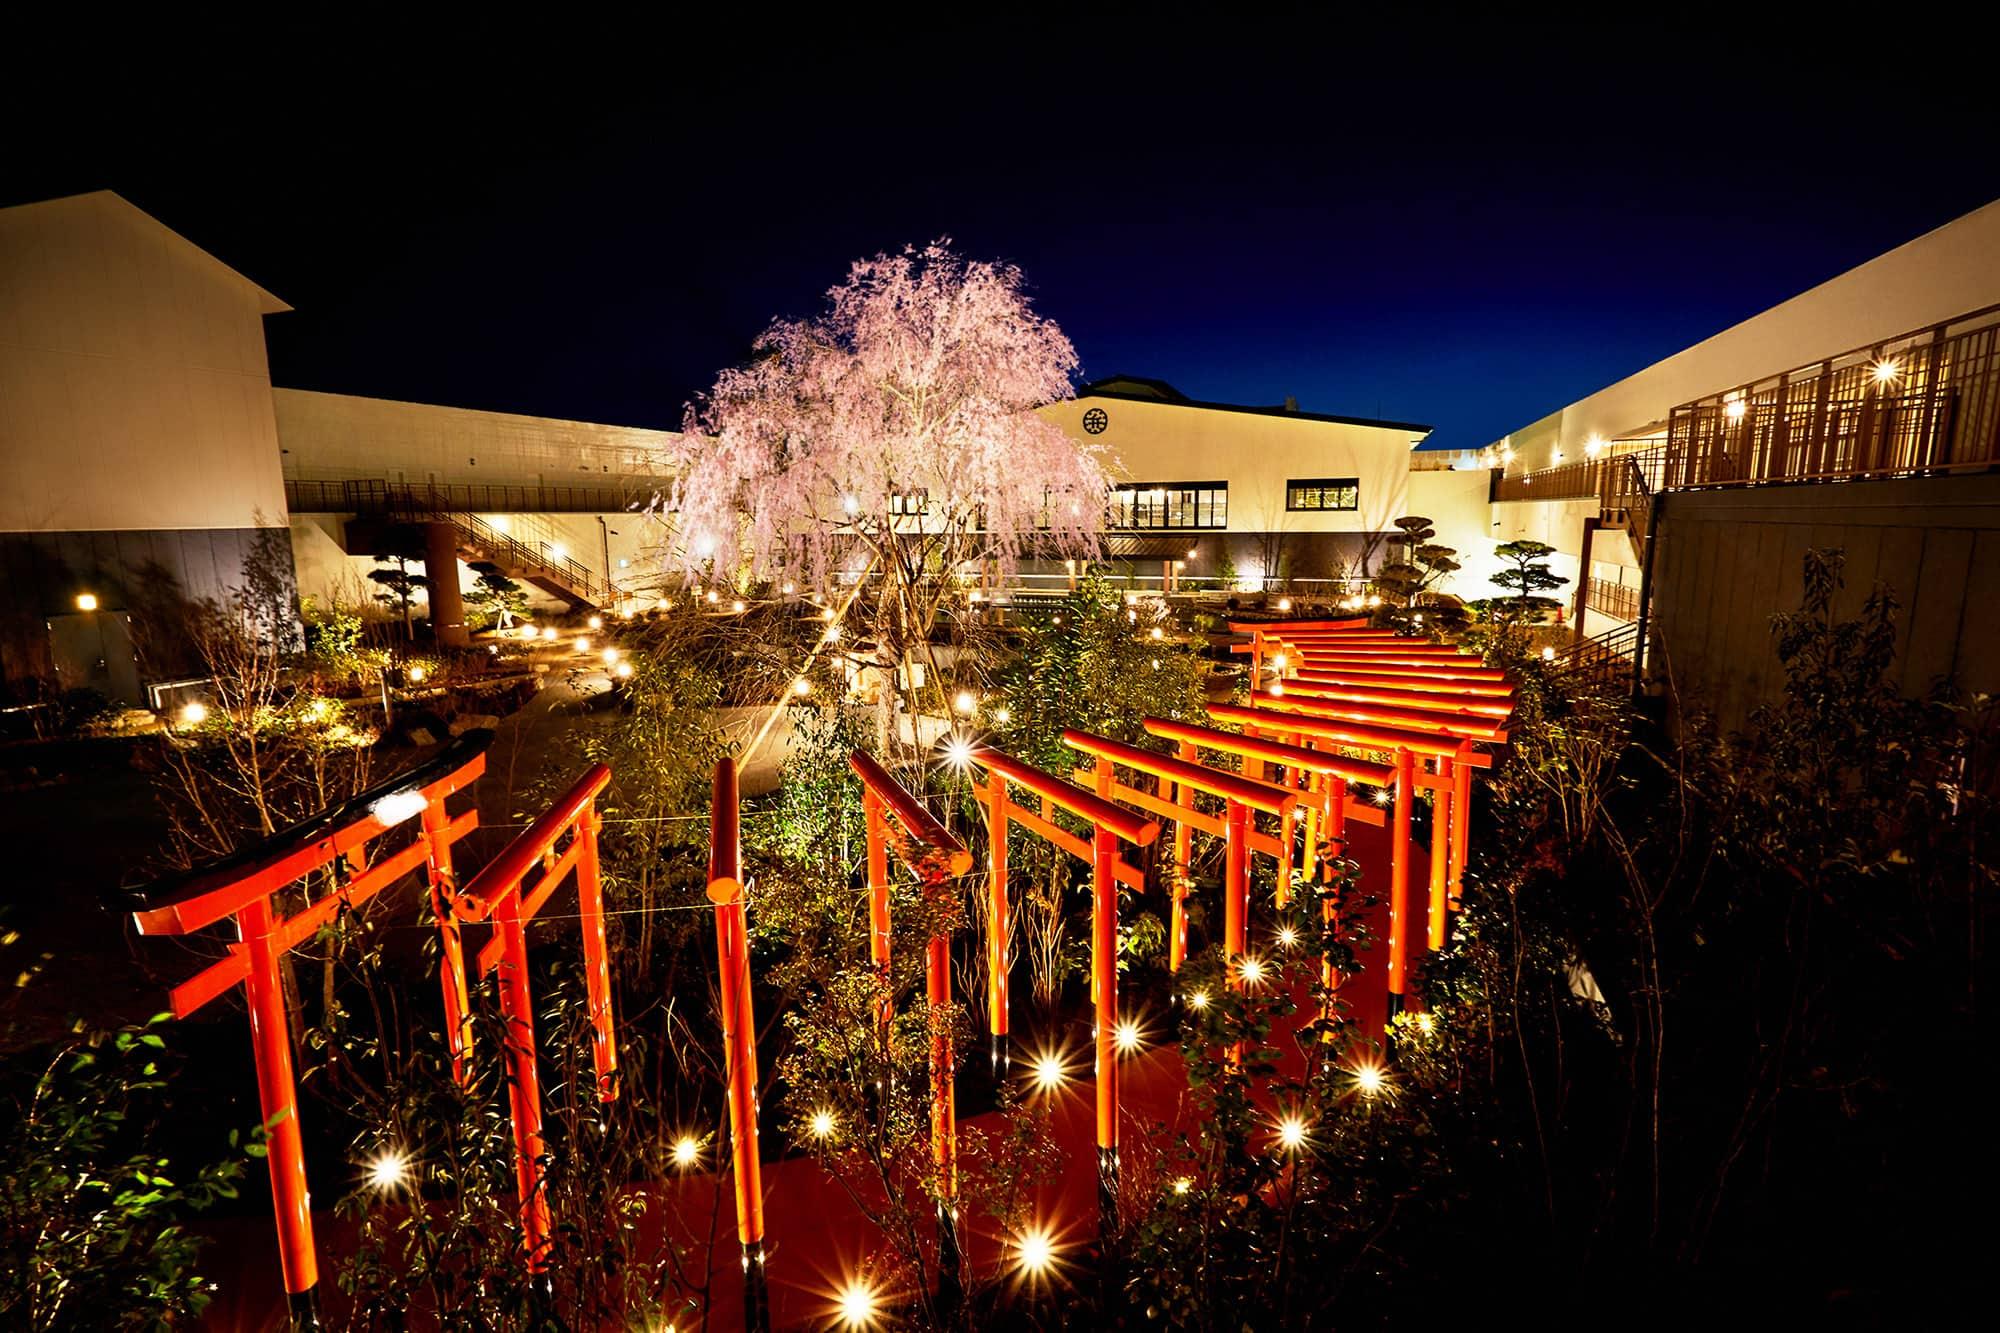 สวนดอกไม้ของโซระนิวะ ออนเซ็น (Solaniwa Onsen) โอซาก้า (Osaka)